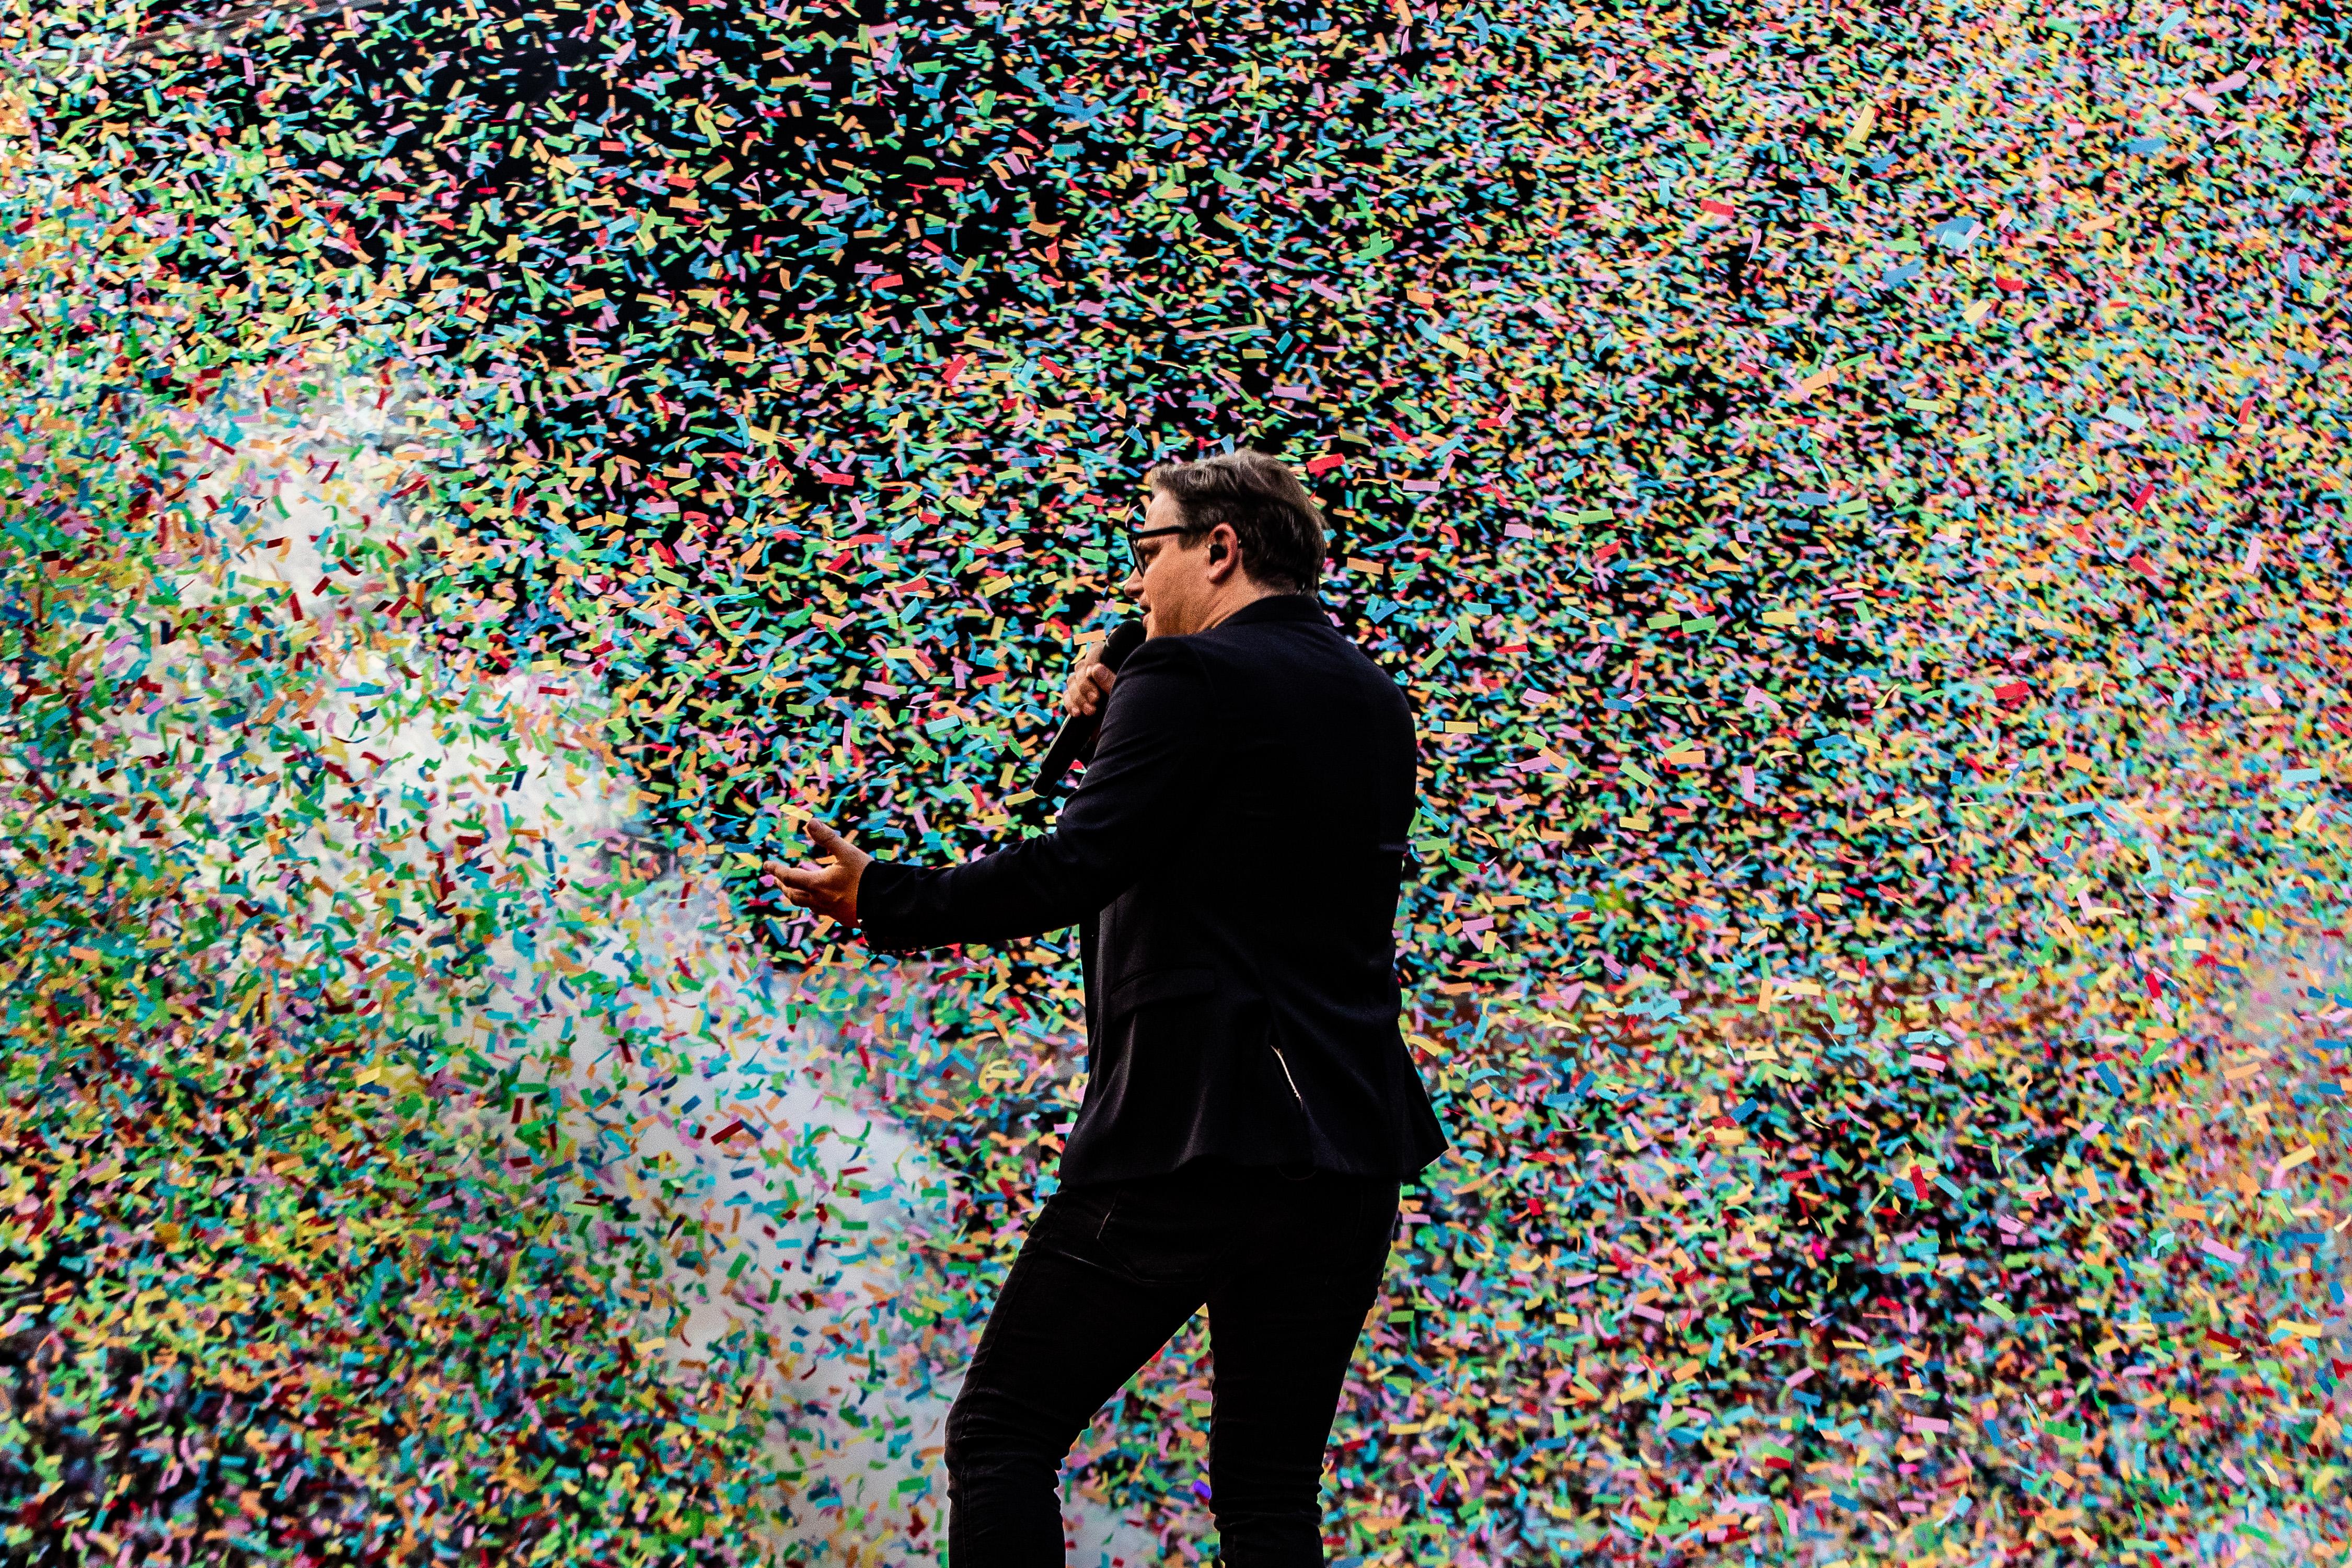 Een foto van Guus Meeuwis in een storm van confetti